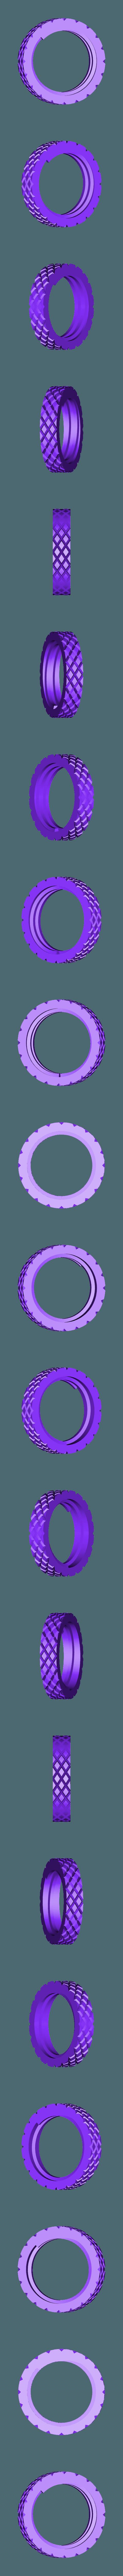 Nut.STL Download free STL file Silencer (Suppressor) • 3D printable design, 3dcave